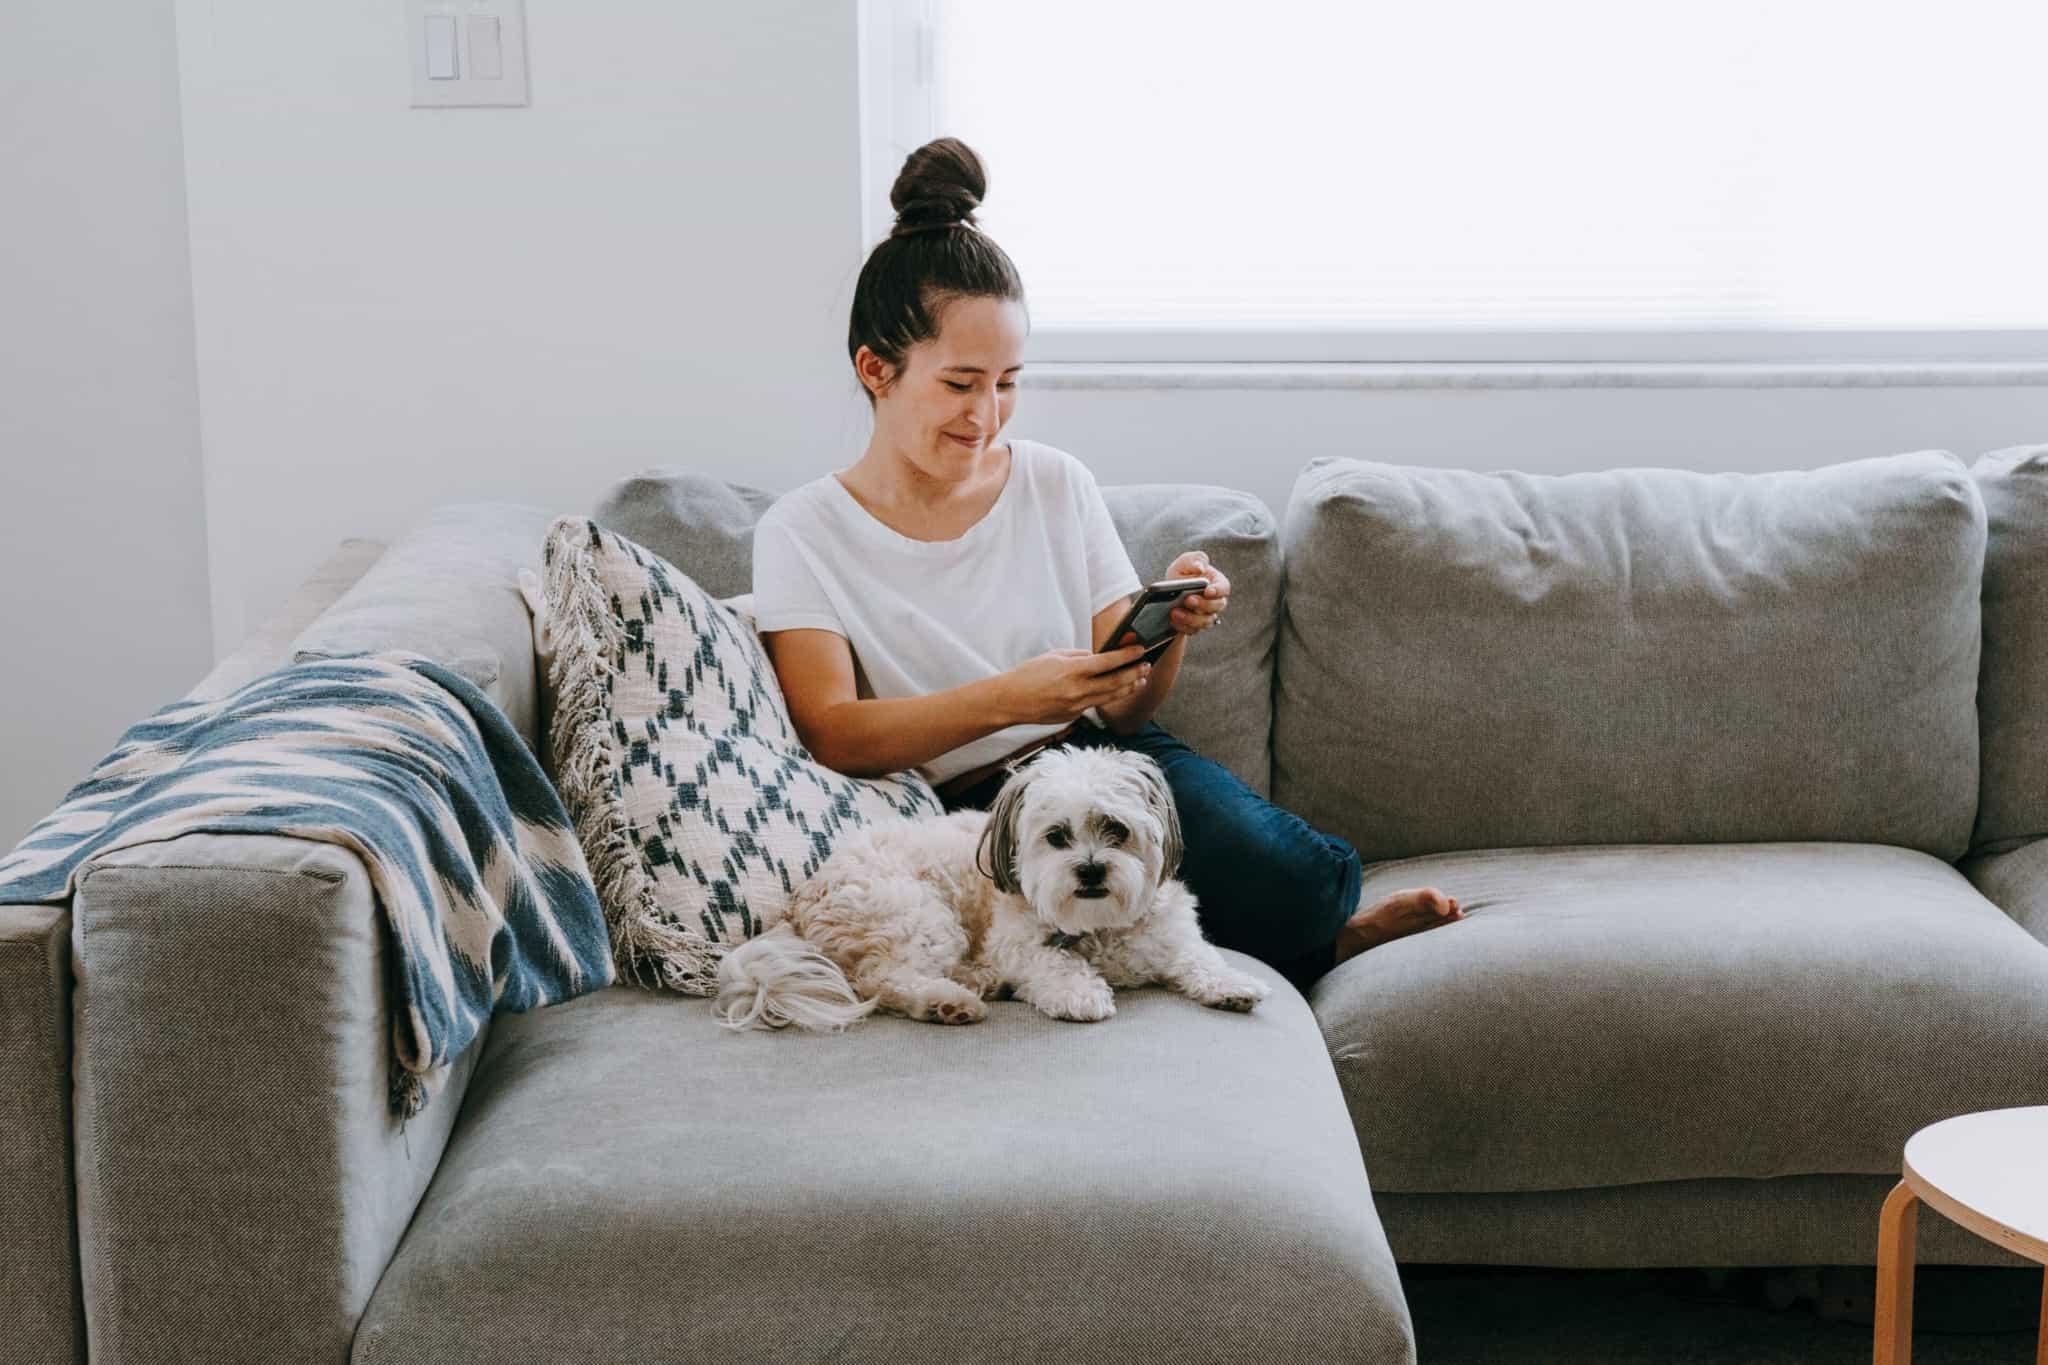 rapariga sentada no sofá a mexer no telemóvel com o cão ao lado